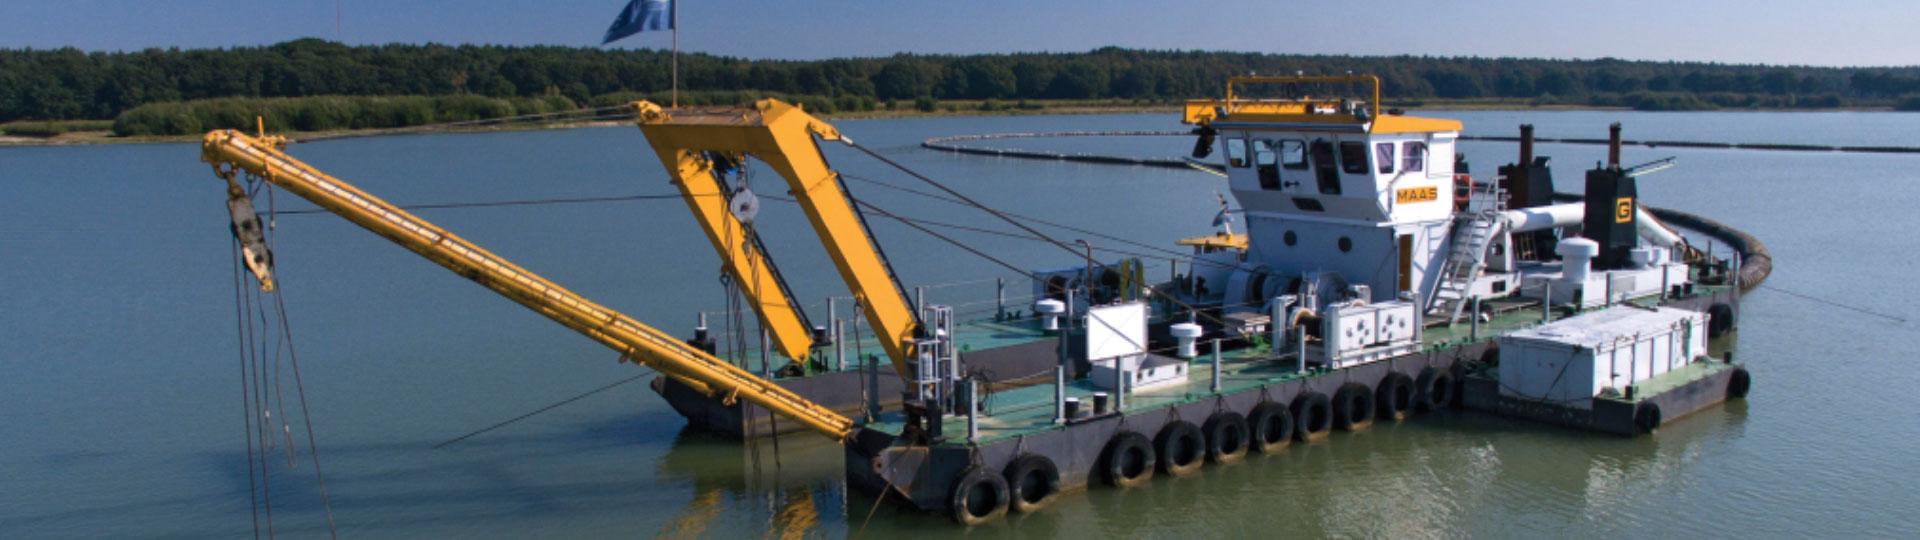 Smals Dredging baggermaterieel cutterzuigers en diepwinzuigers<br>voor grootschalig baggeren, in bijvoorbeeld een haven, rivier, kanaal.<br>Klik hier voor ons baggermaterieel te huur.